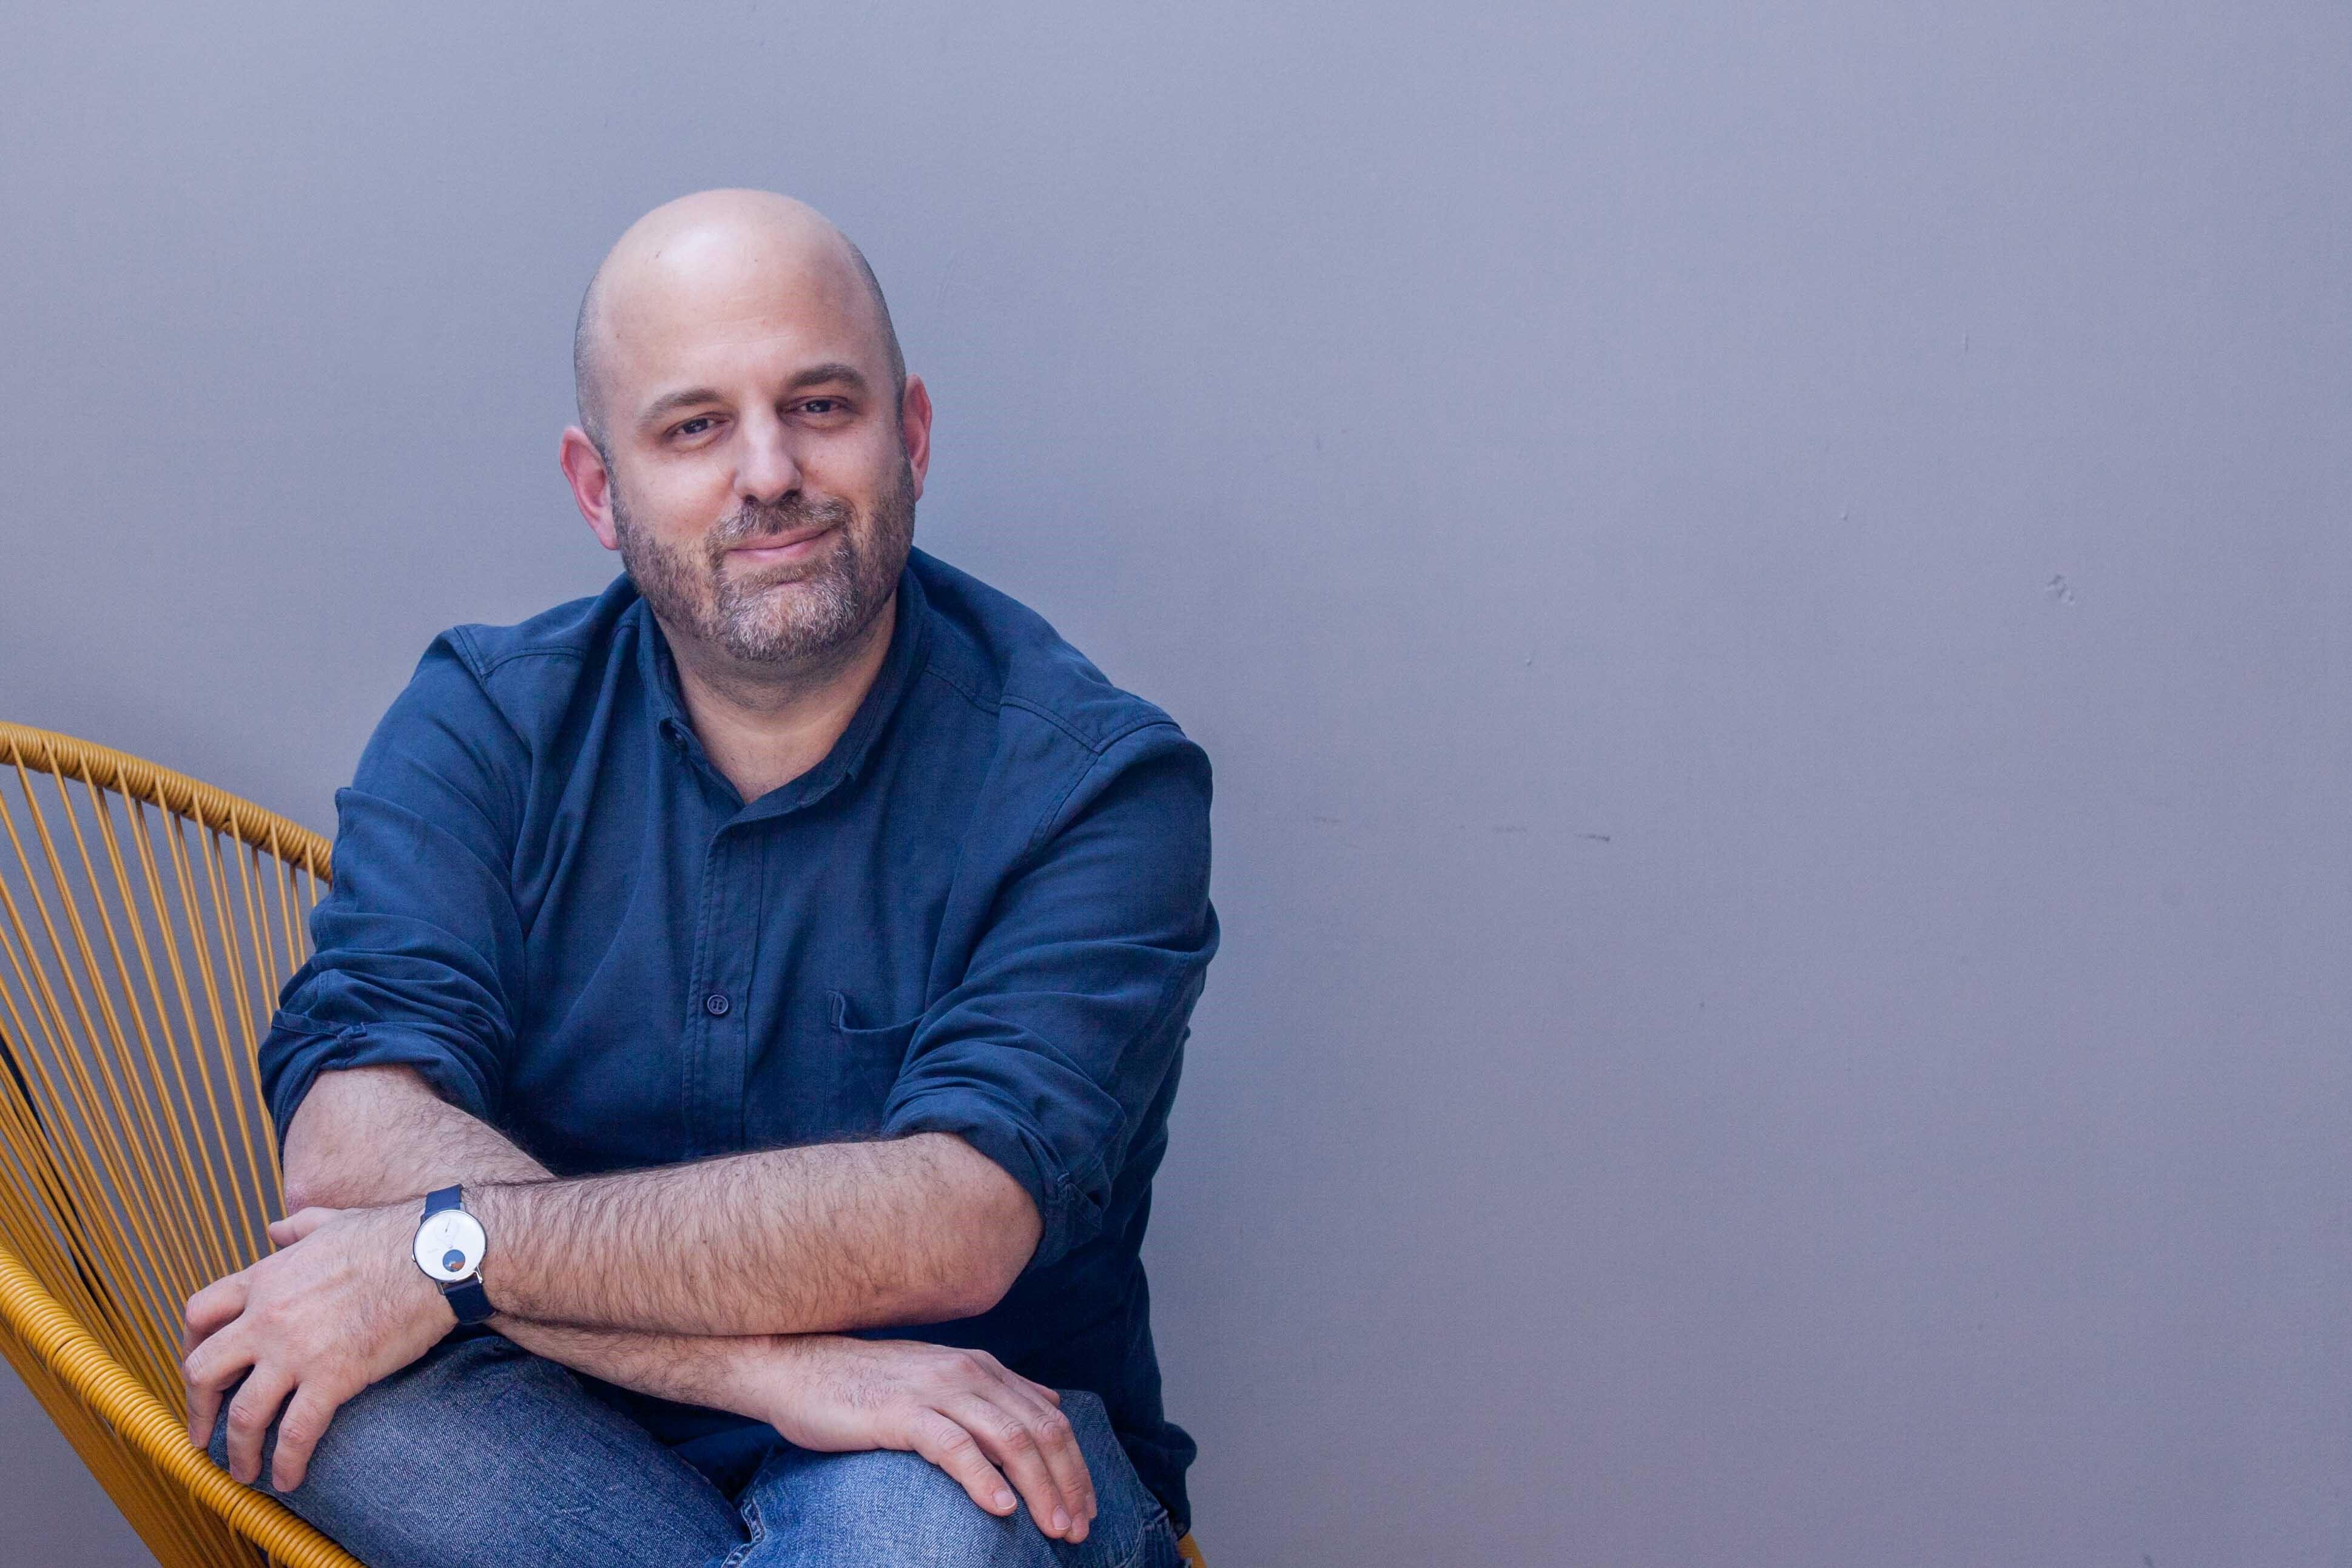 El PEMB entrevista l'expert en 'coworkings', Marc Navarro